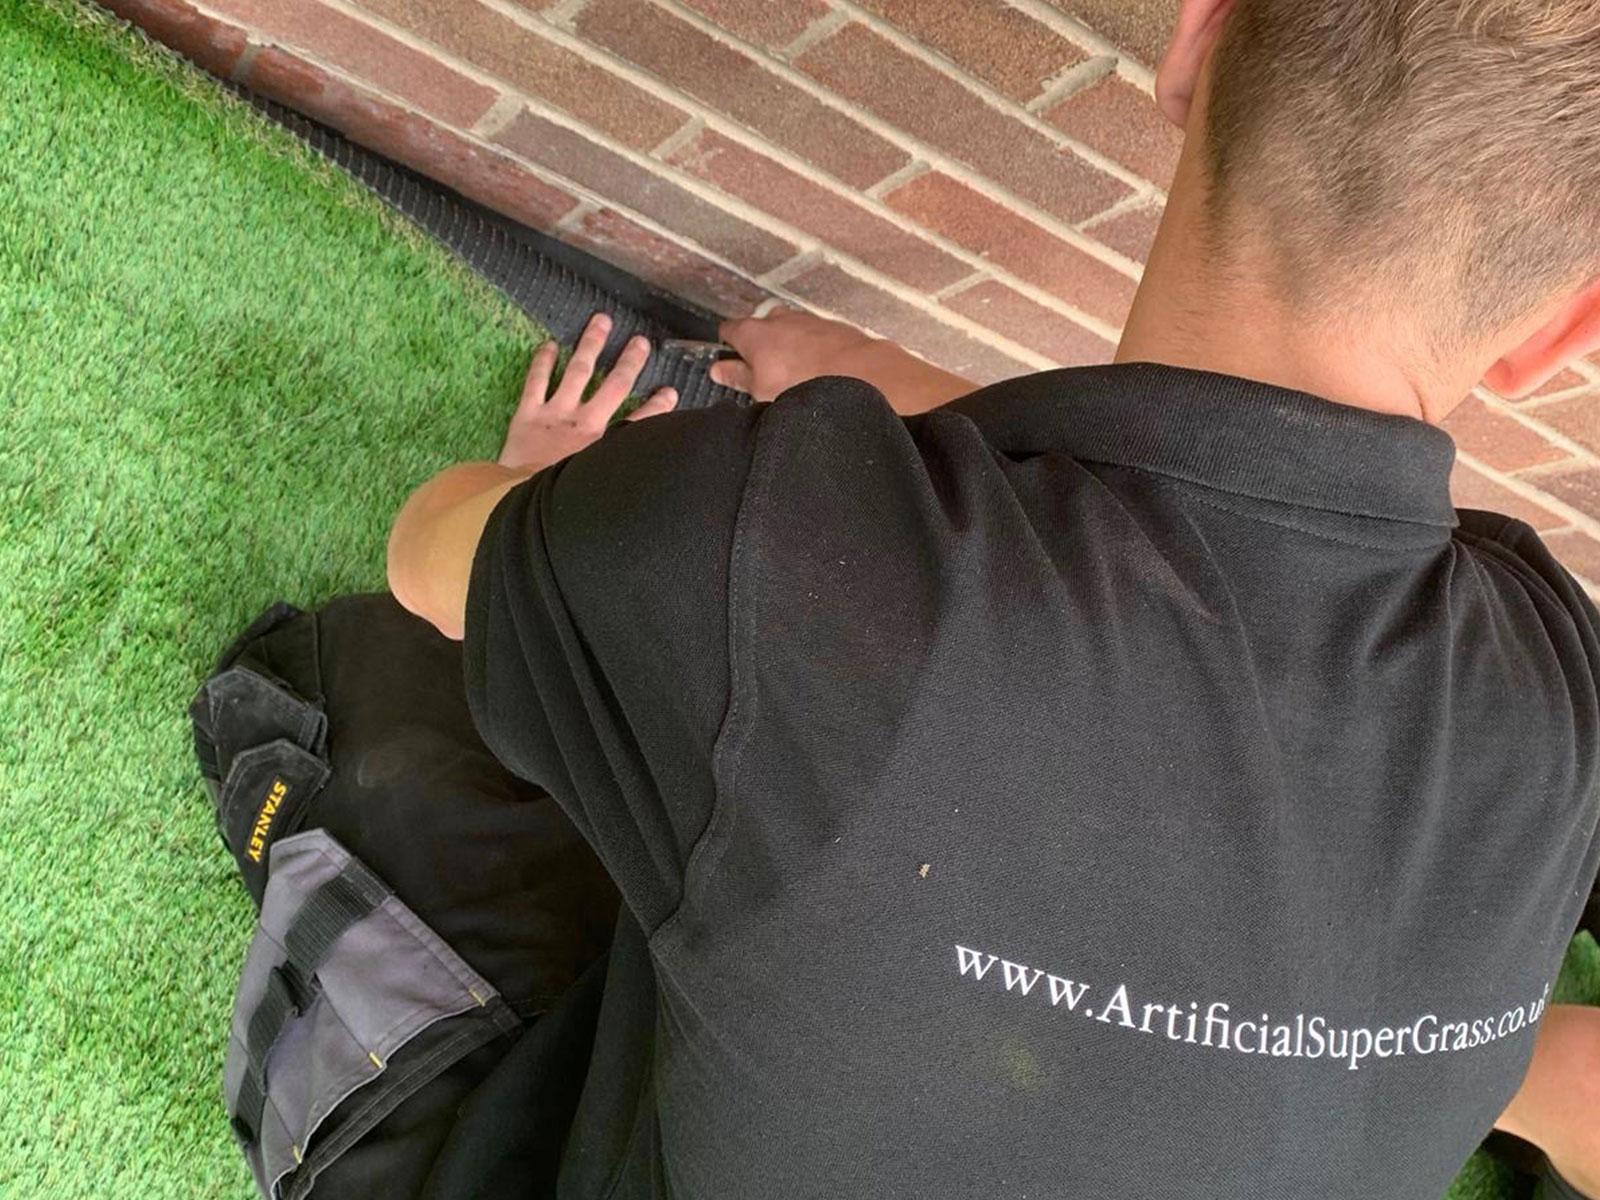 Best Quality Artificial Grass St Helens Artificial Super Grass